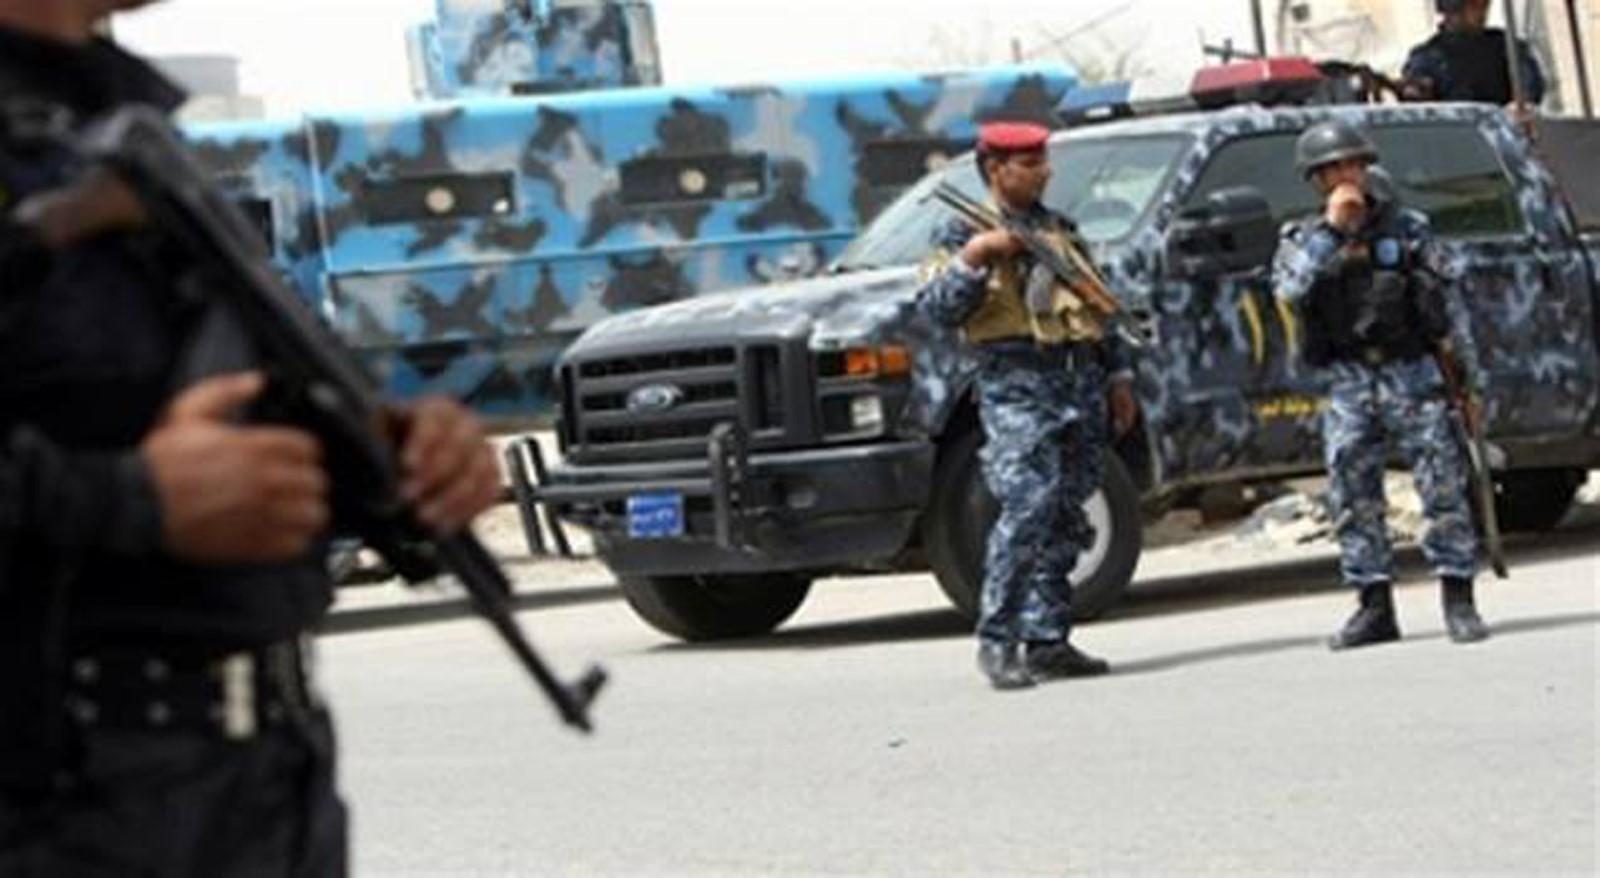 في منطقة الدورة  ..  دوريات نجدة بغداد تعثر على صواريخ وأسلحة